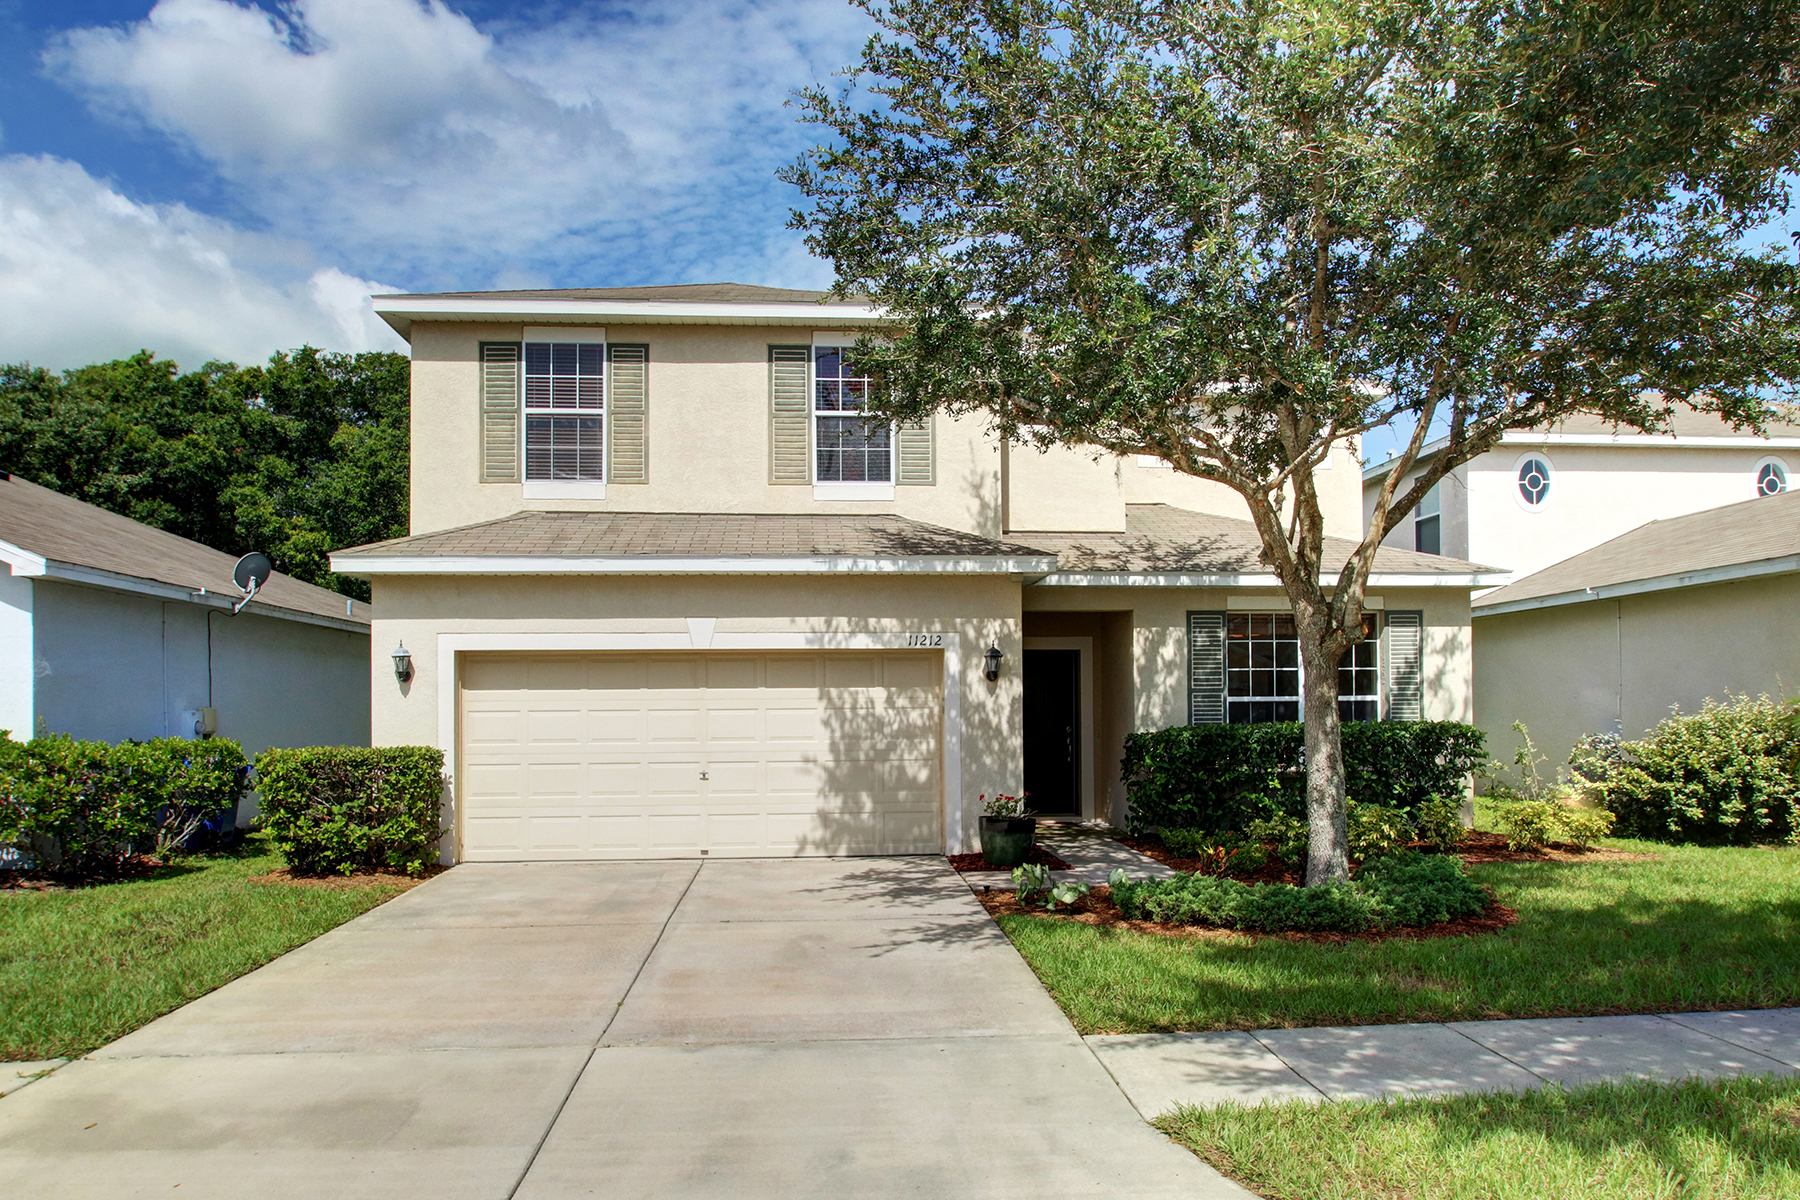 단독 가정 주택 용 매매 에 TAMPA 11212 Madison Park Dr Tampa, 플로리다 33625 미국